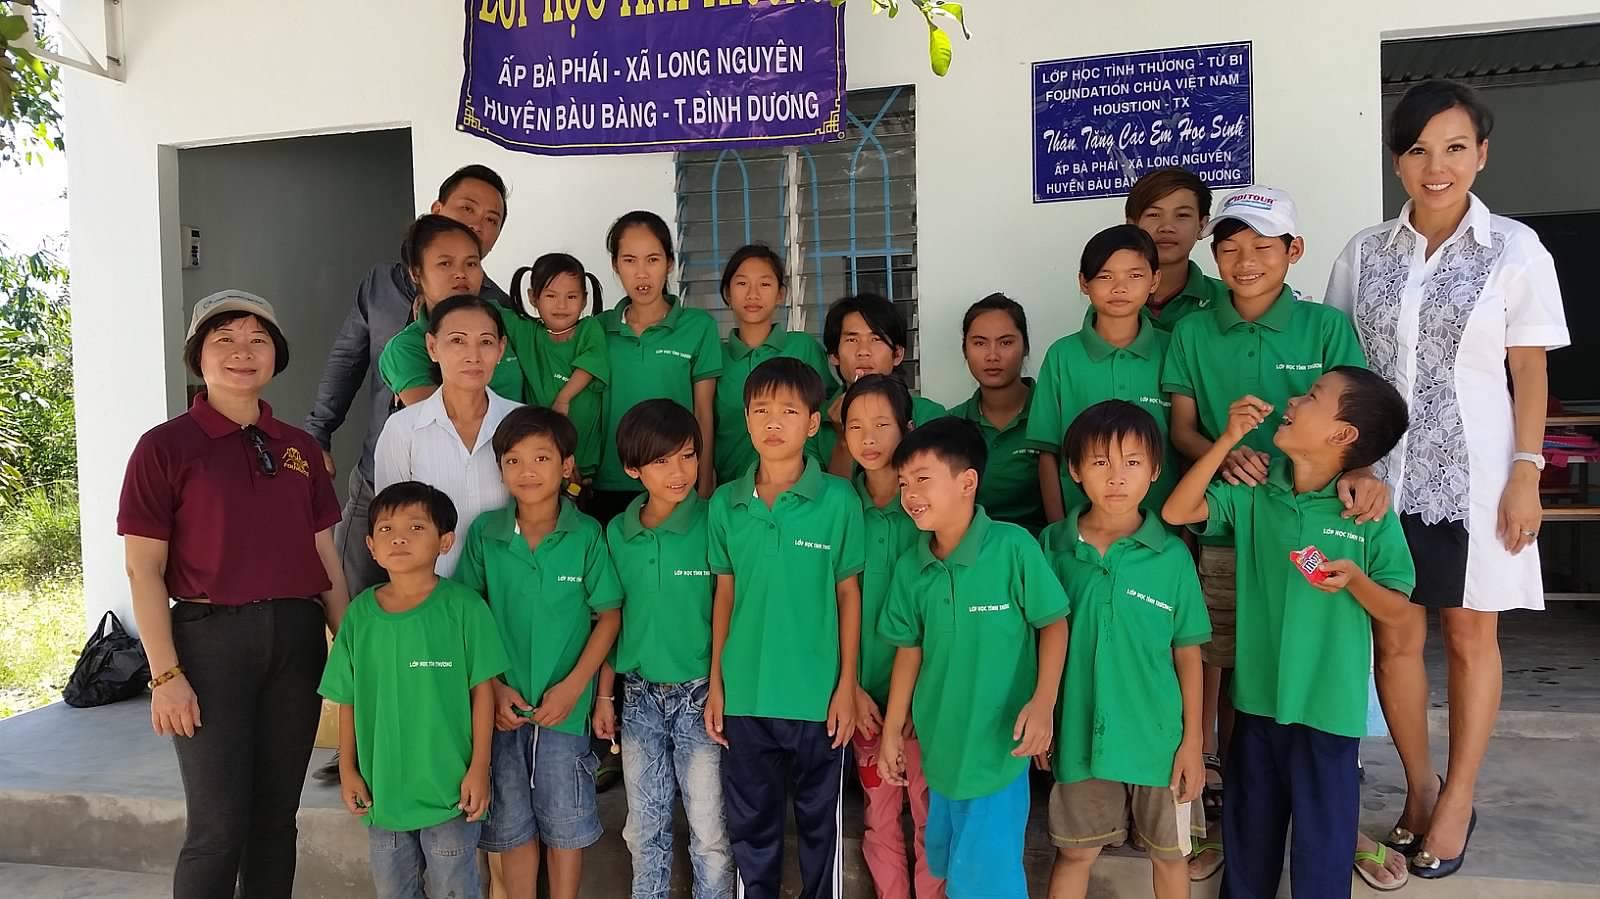 65 Lop Tu Bi tai Binh Duong (09)